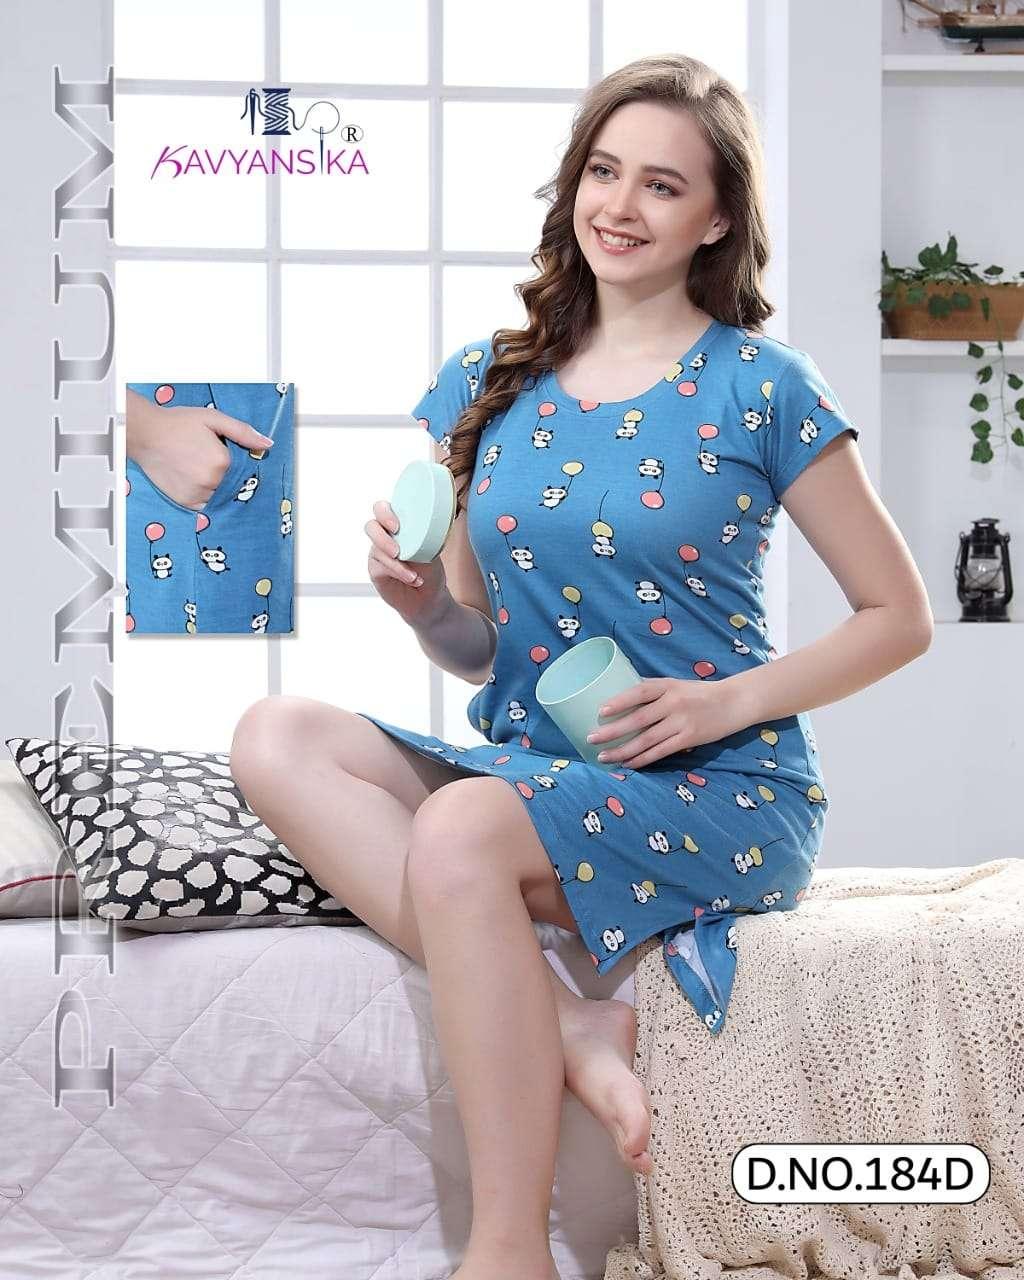 Kavyansika Vol 184 Cotton Hosiery Short Nighty Supplier